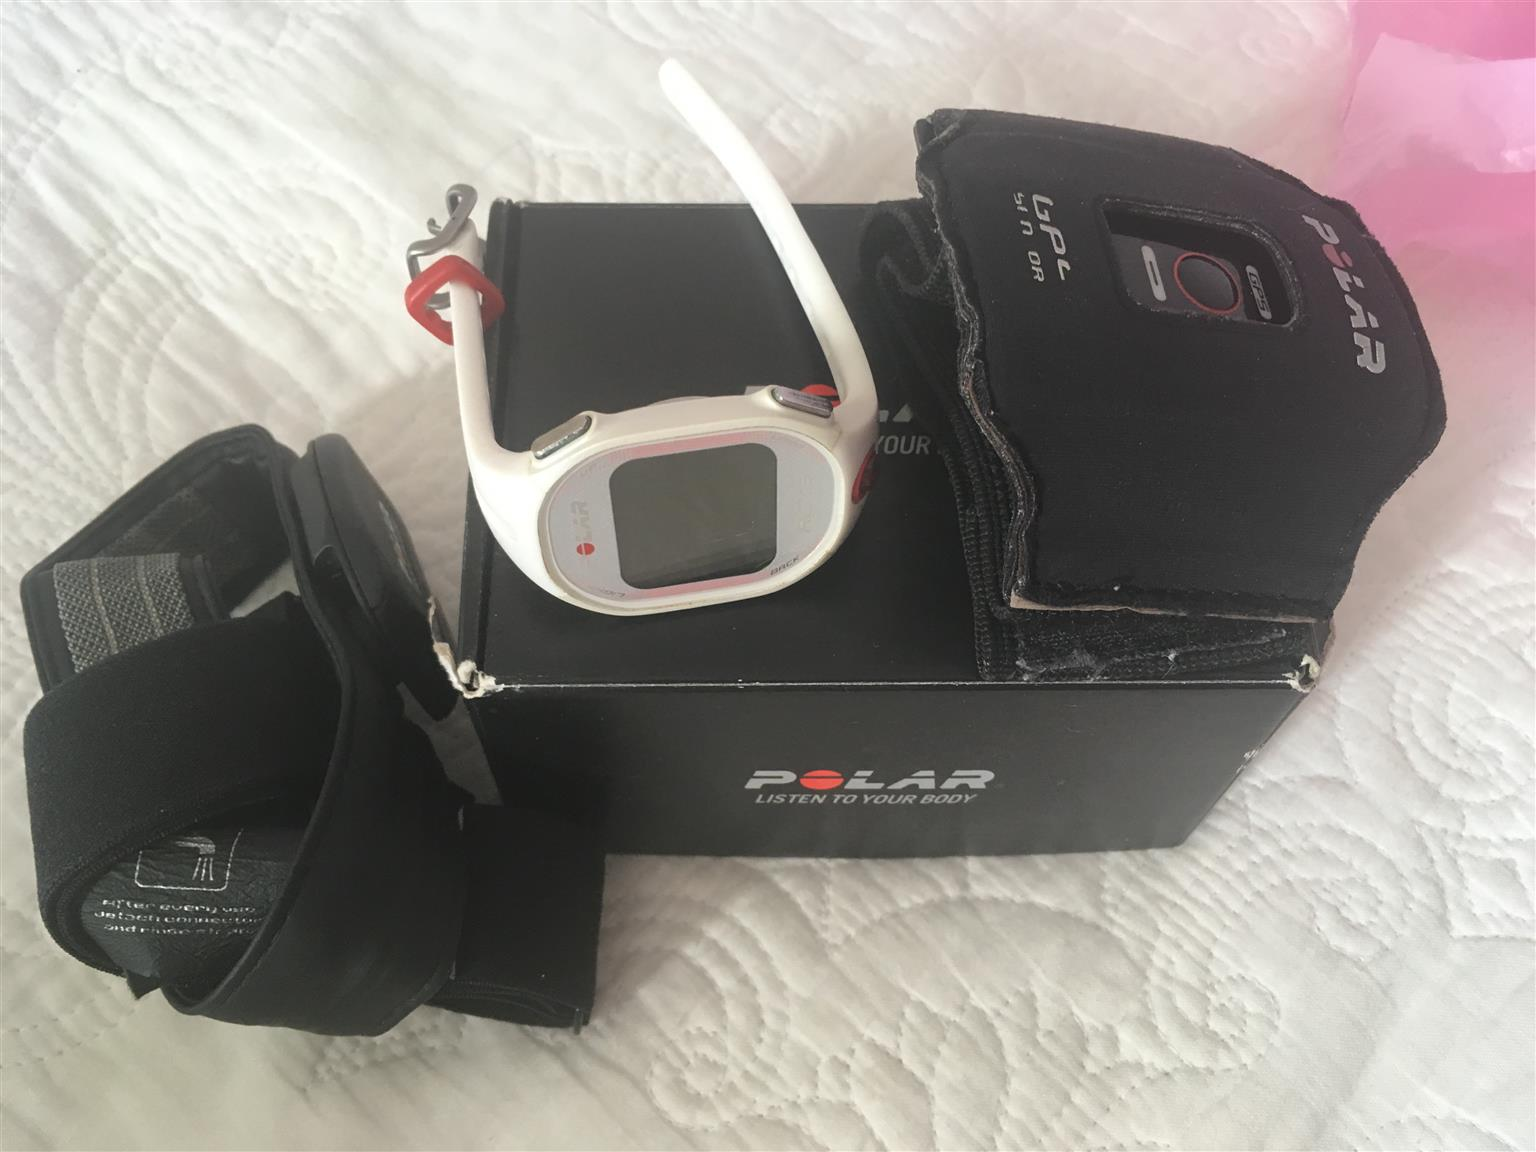 Polar RCX3 Watch